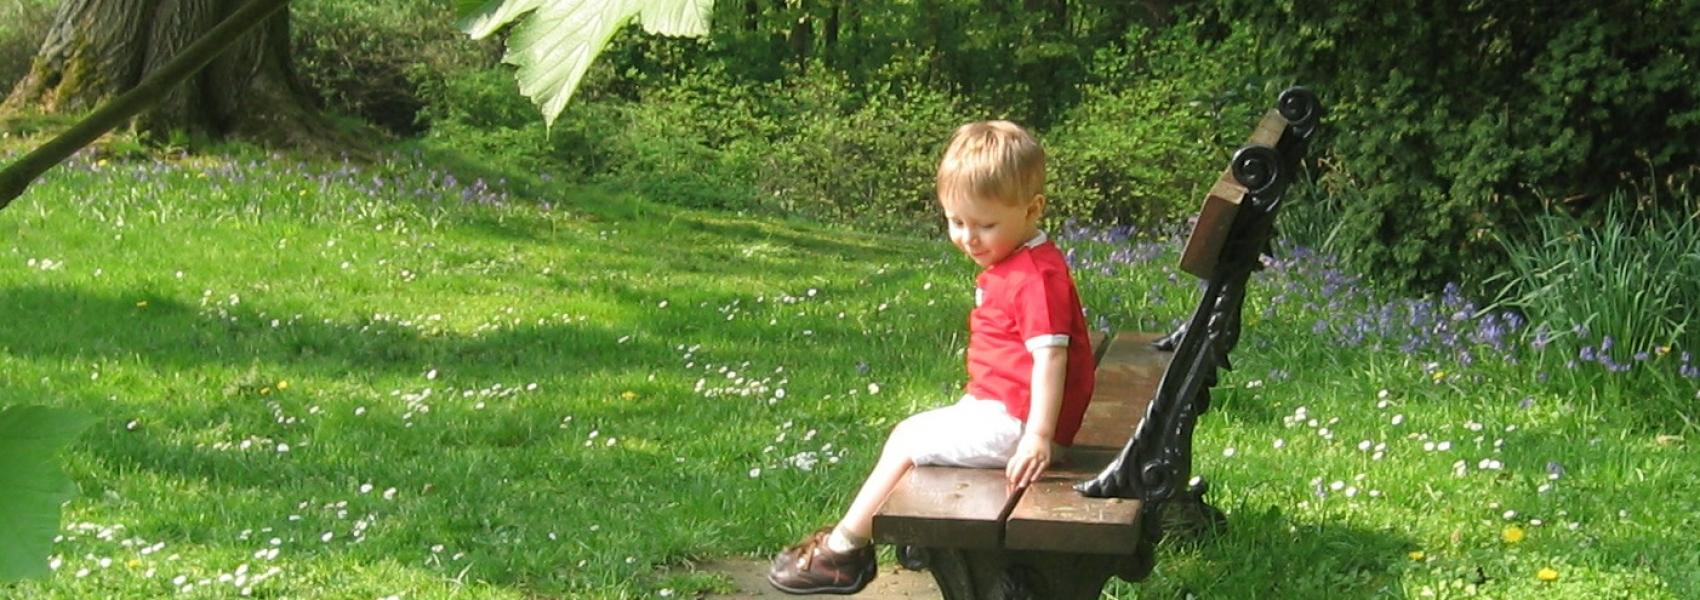 kind op een bank